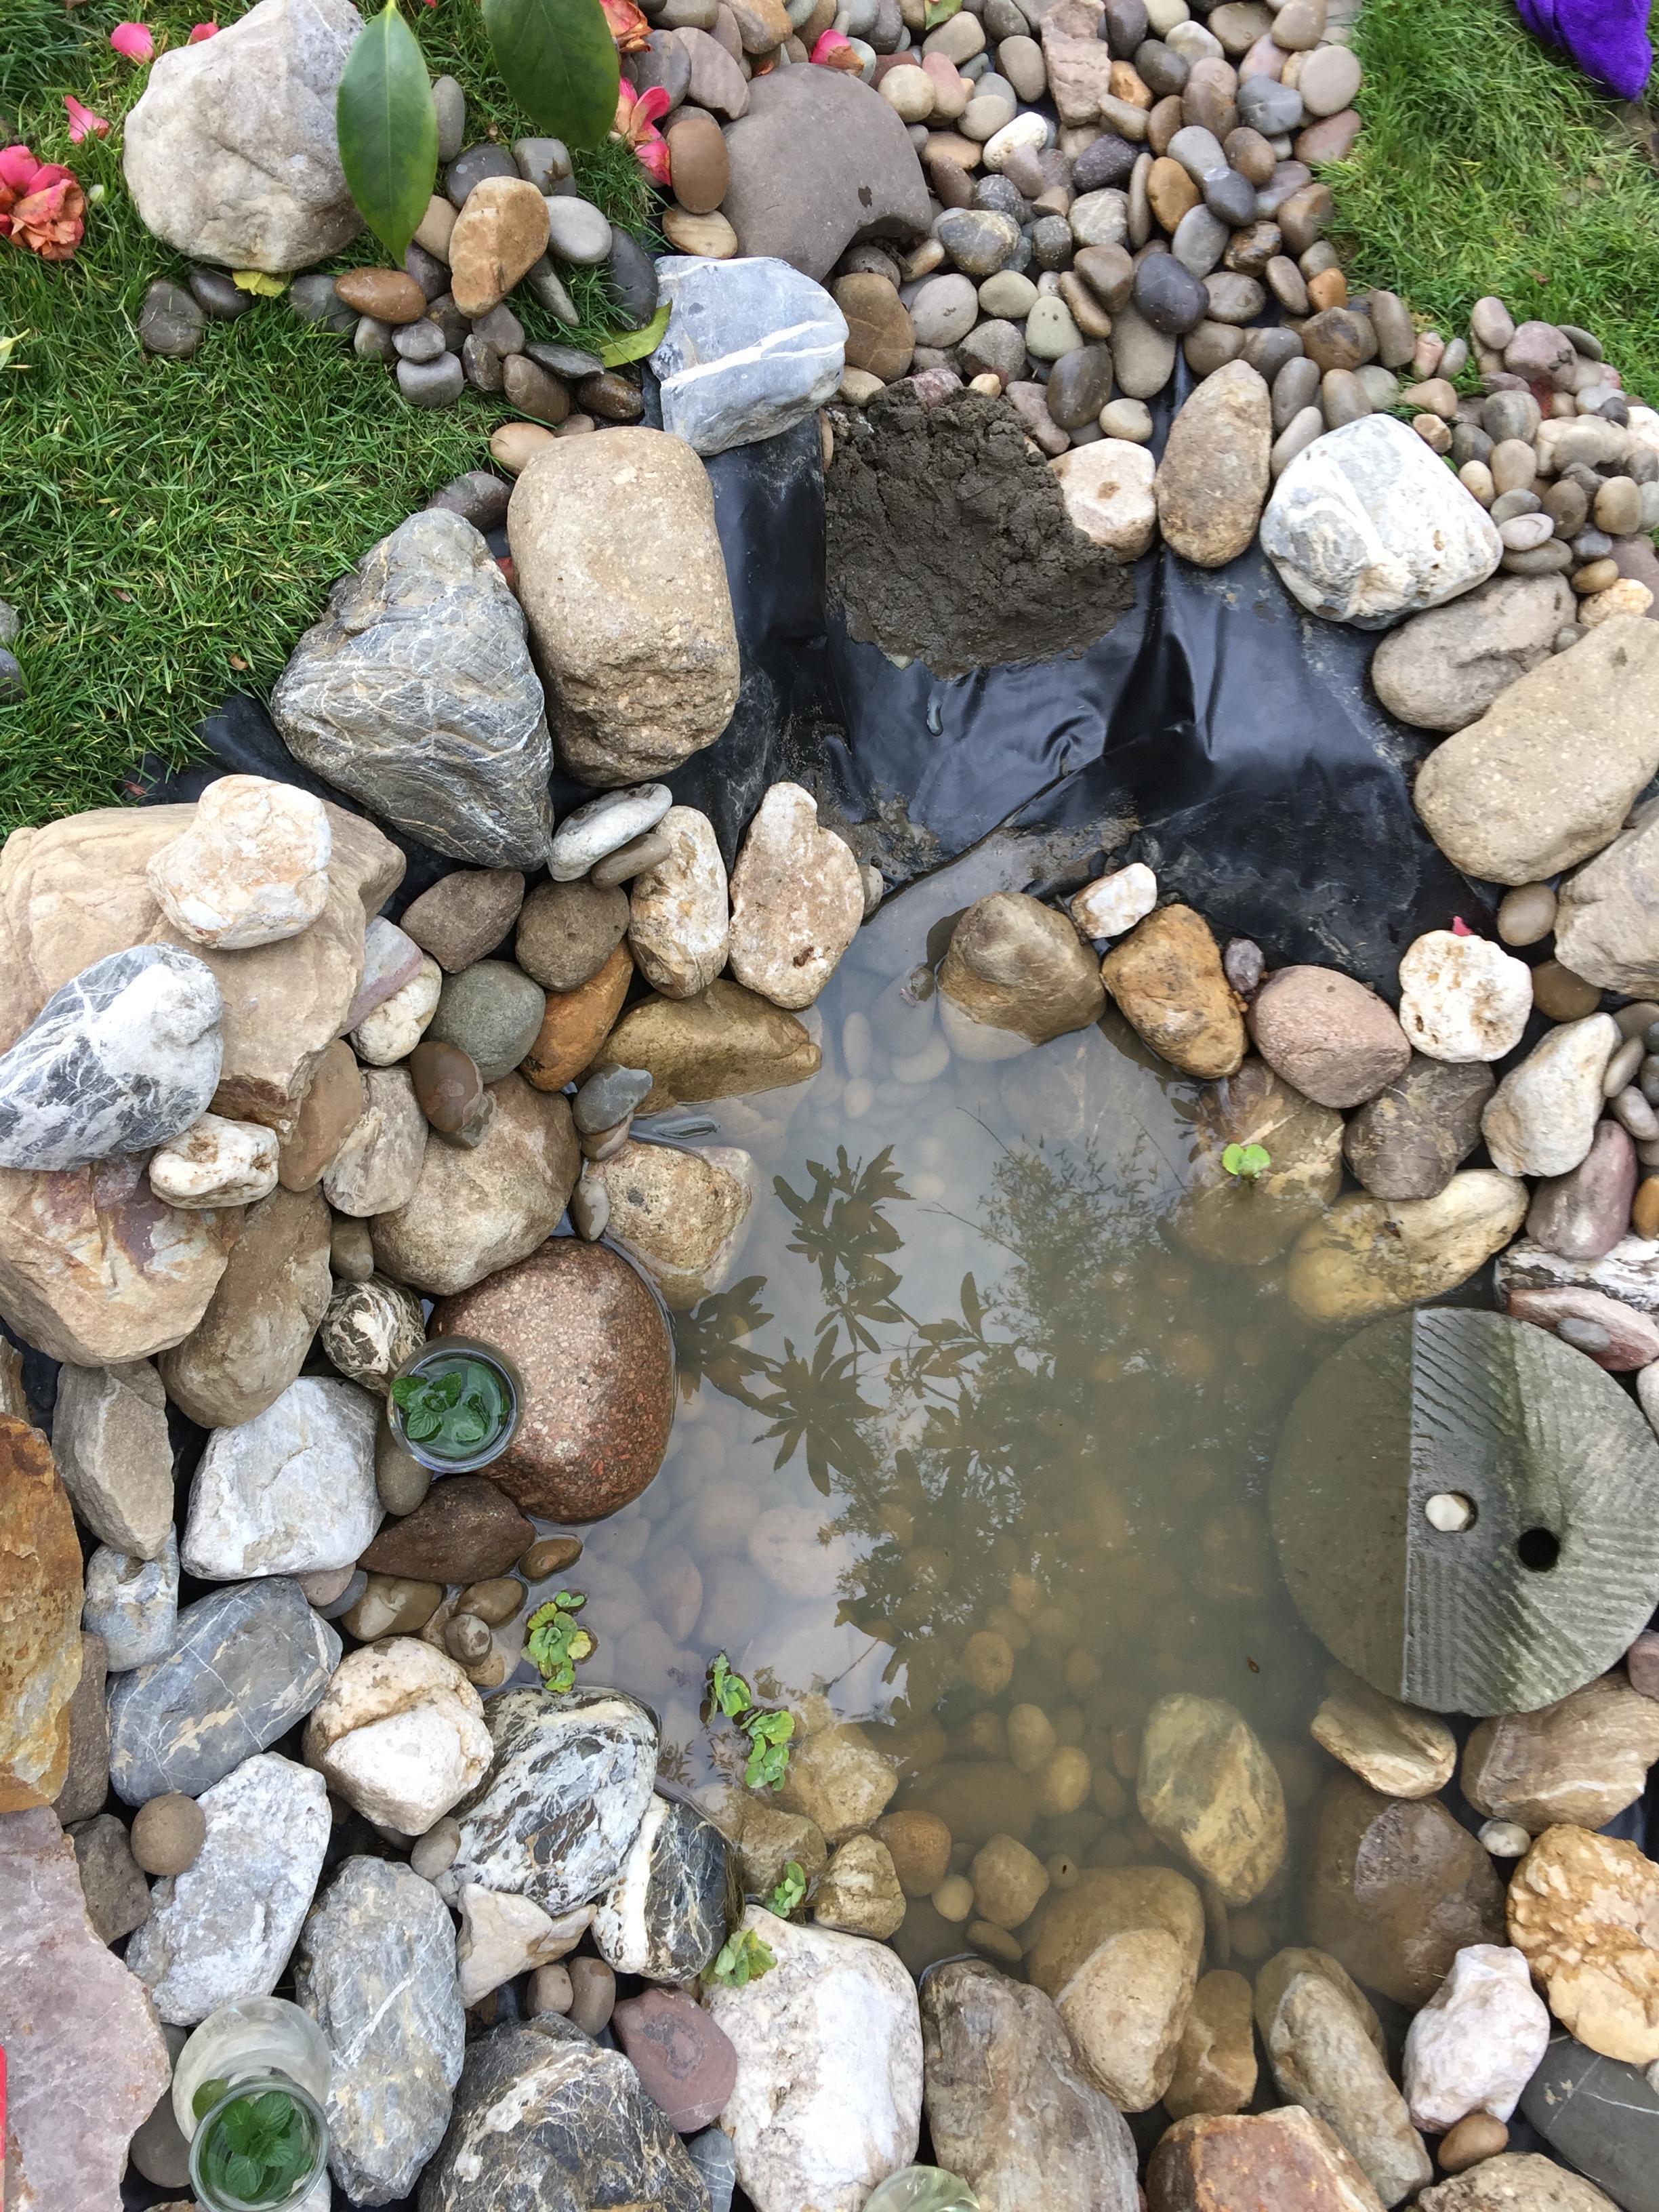 当春乃发生——池塘细节改进系列(一) - 知乎专栏图片